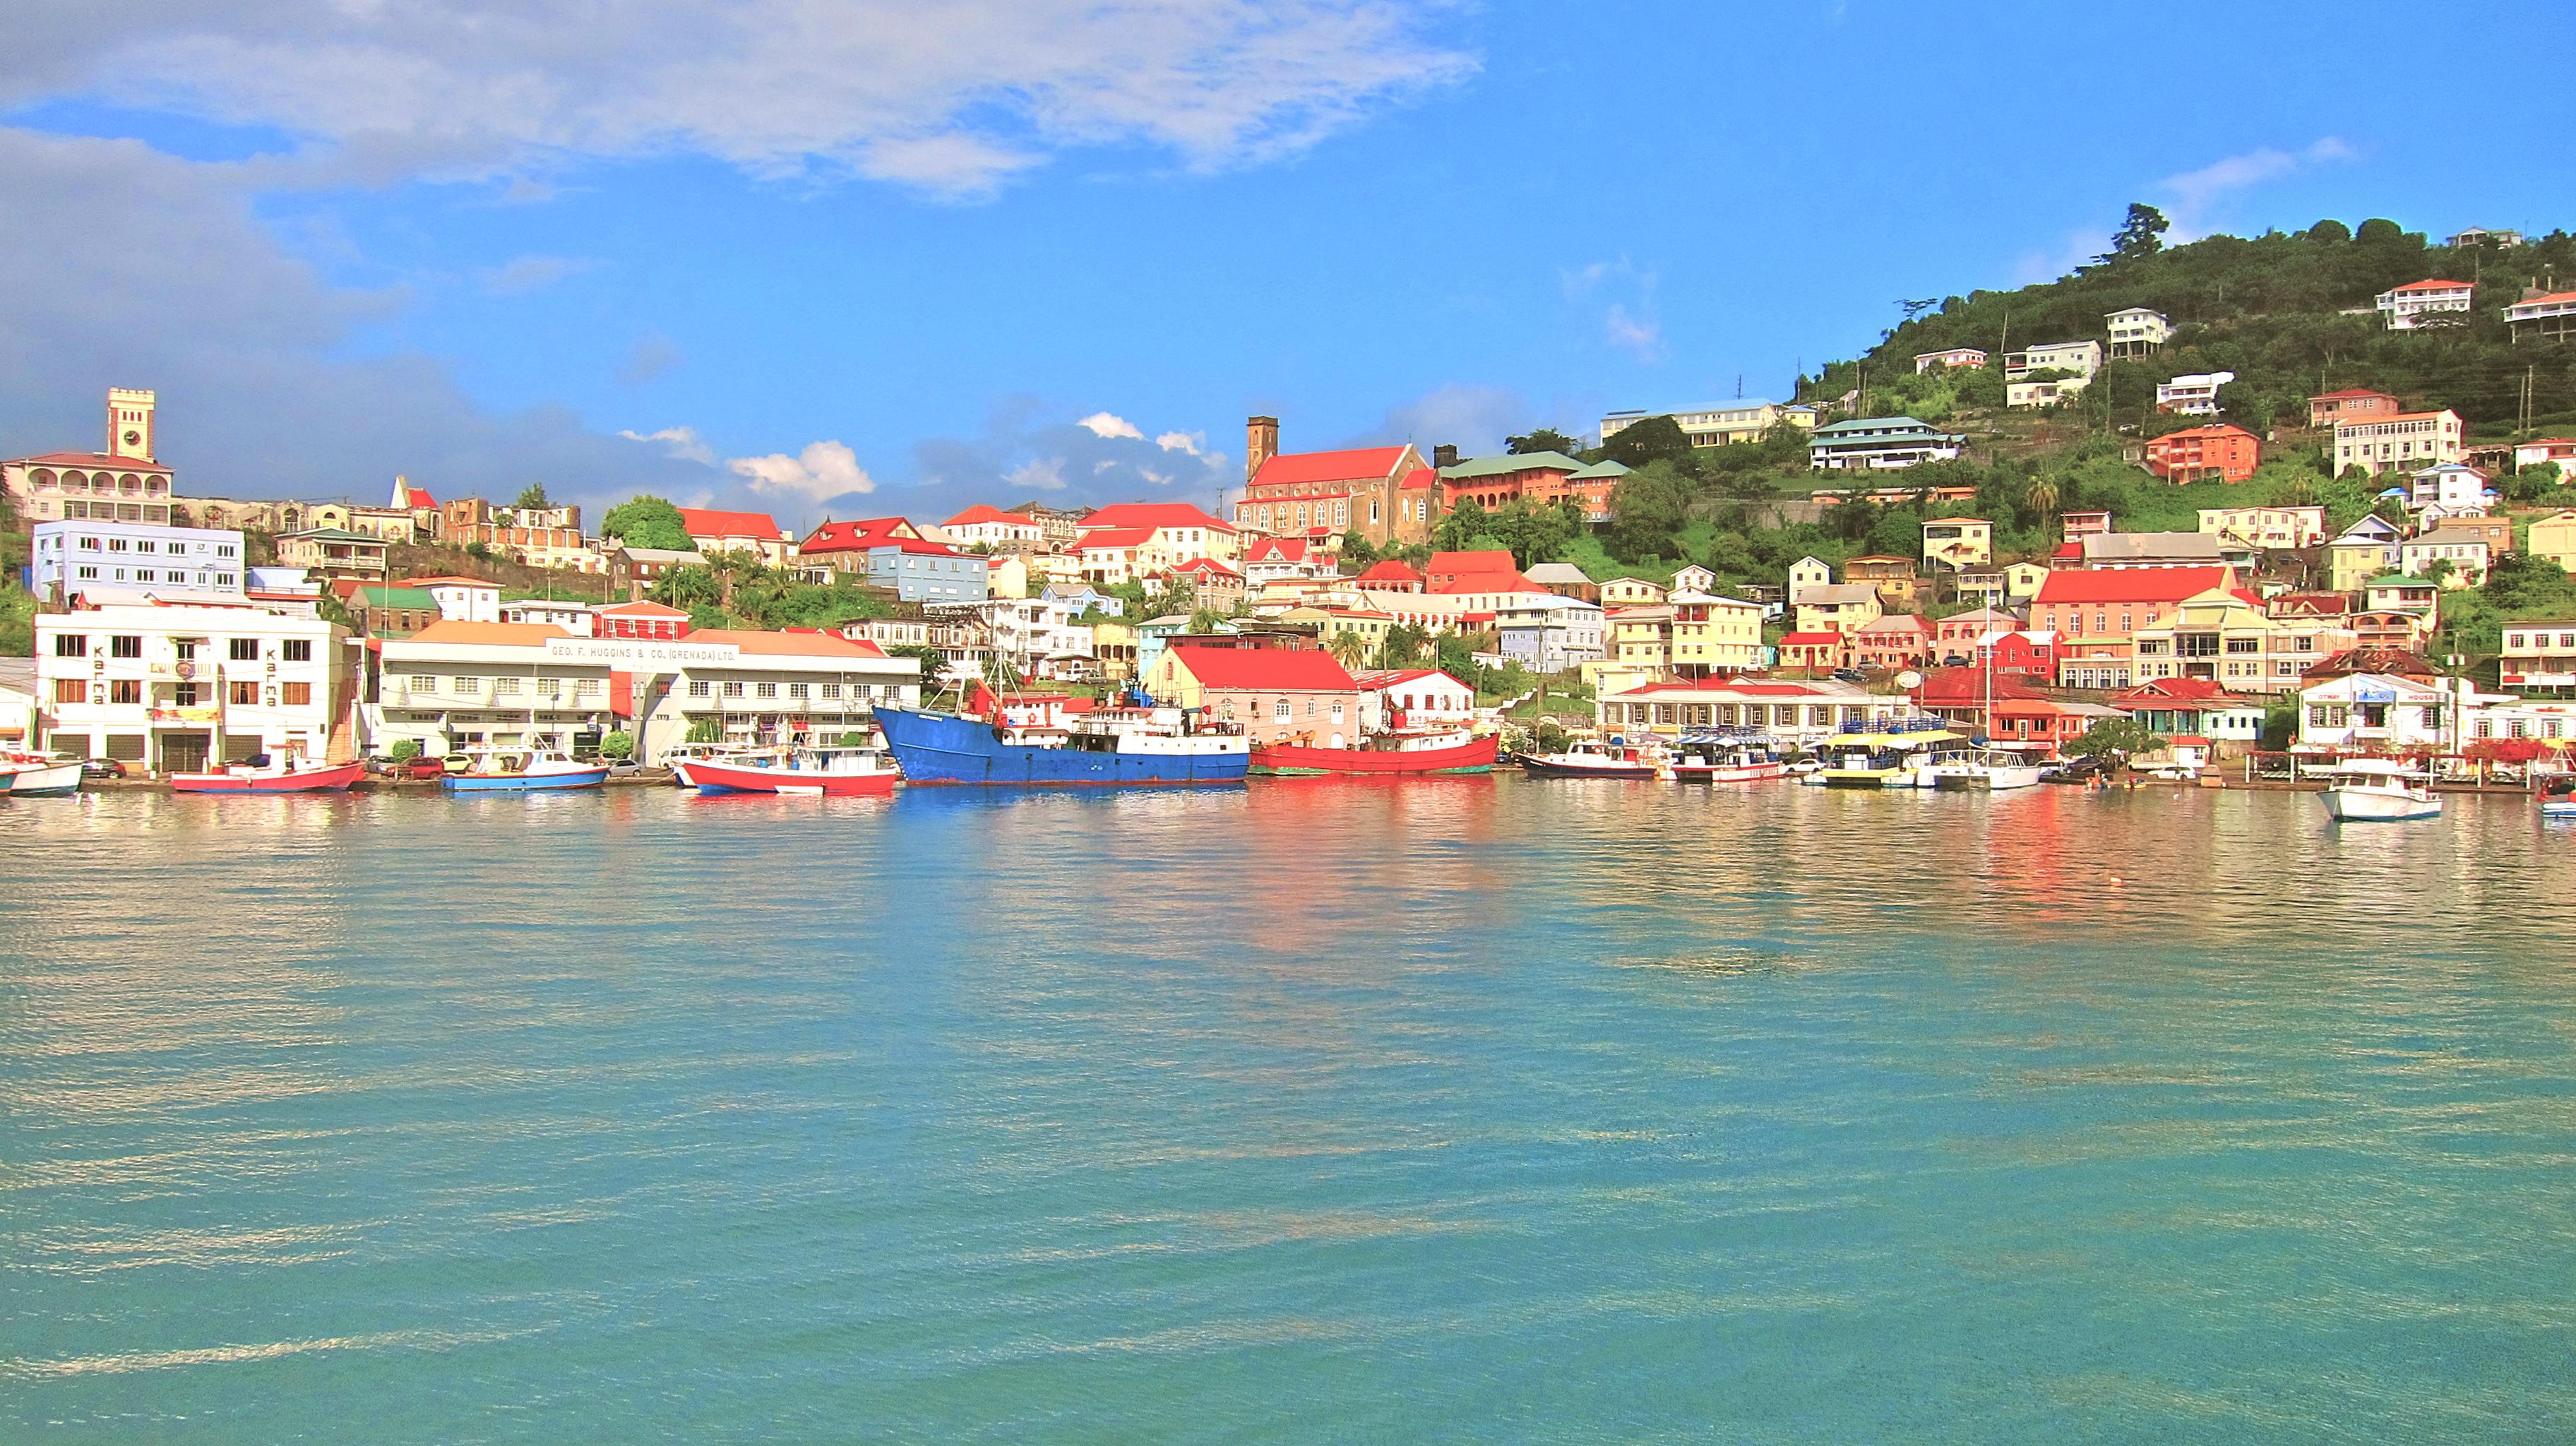 Chương Trình Đầu Tư Định Cư Grenada Thành Công Thu Hút  Kỷ Lục Các Nhà Đầu Tư Trong Năm 2018